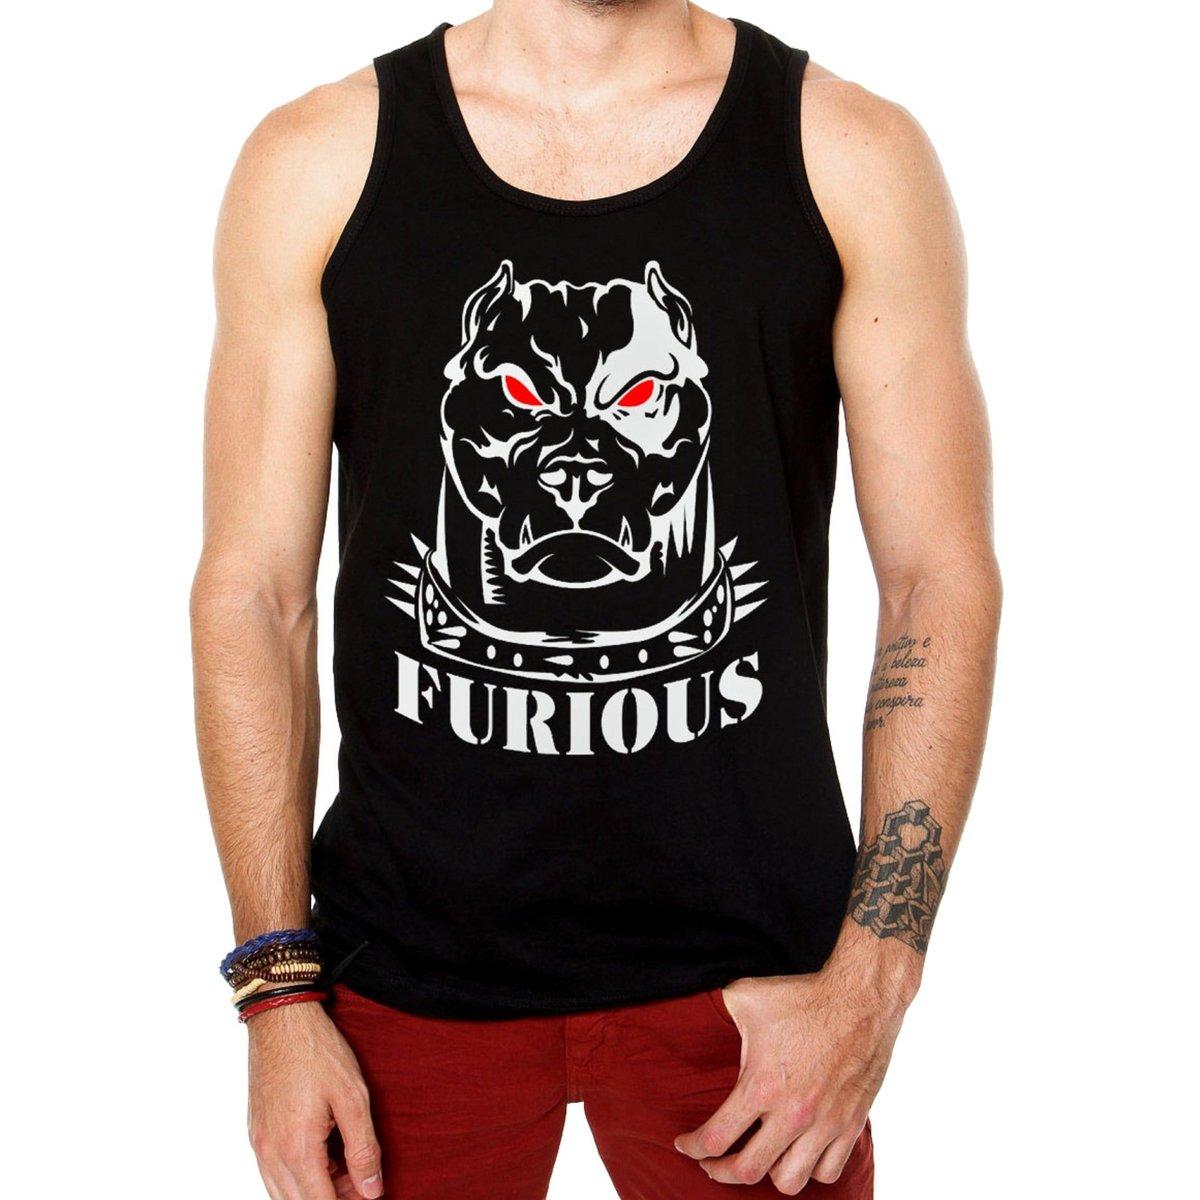 240eee77a2071 Camiseta Regata Criativa Urbana Fitness Musculação Academia Furious - Preto  - Compre Agora